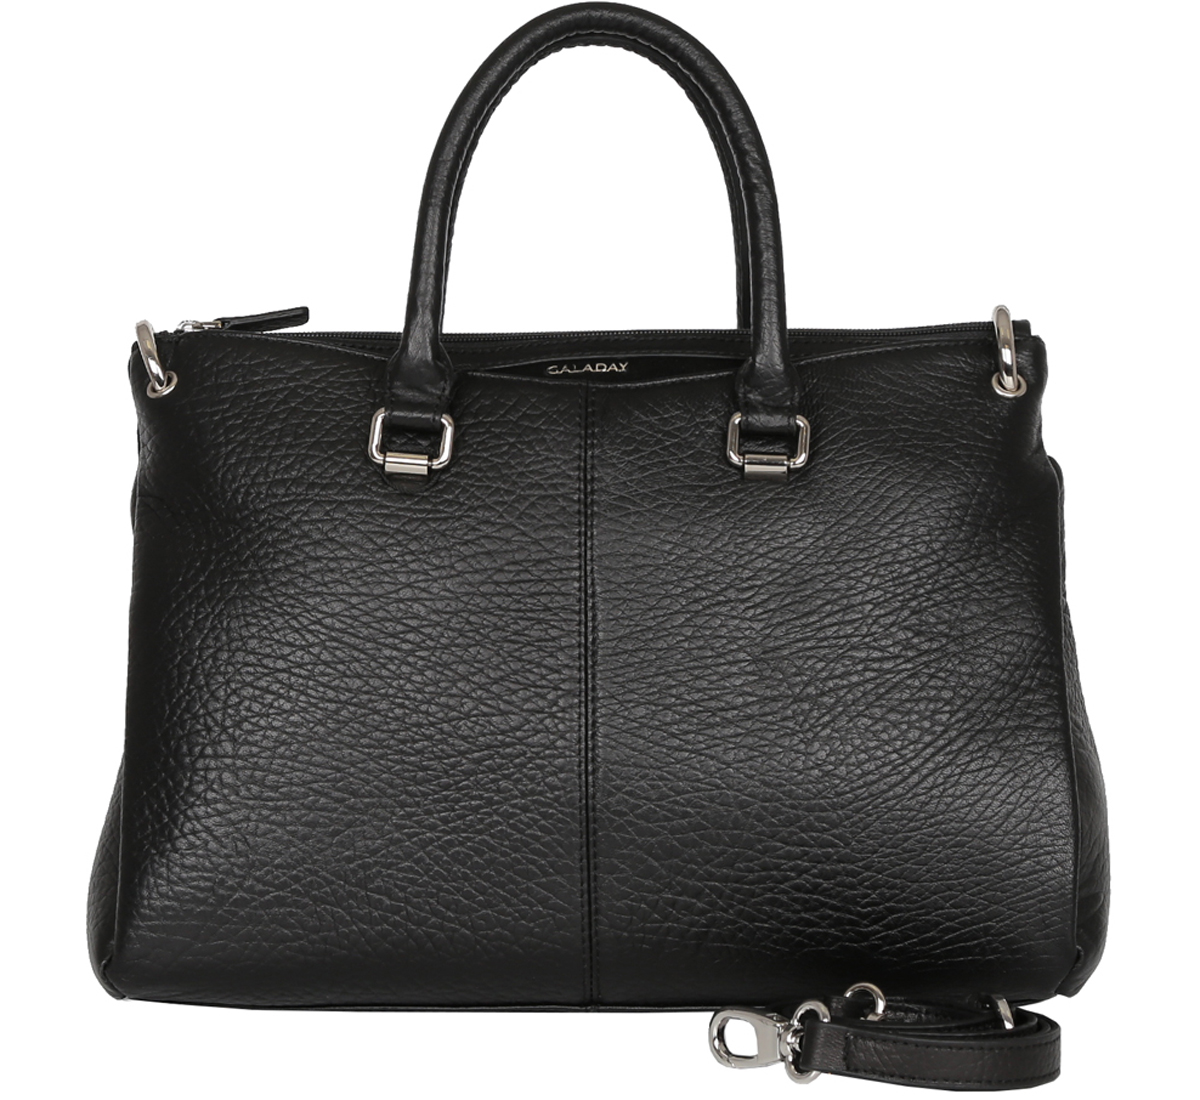 Сумка женская Galaday, цвет: черный. GD5220ML597BUL/DЭлегантная женская сумка Galaday изготовлена из качественной натуральной кожи. Модель закрывается на застежку-молнию. Внутри имеются дополнительные карманы. С внешней задней стороны сумки расположен врезной карман на застежке-молнии. Сумка оснащена удобными ручками и плечевым ремнем, который можно регулировать по длине.